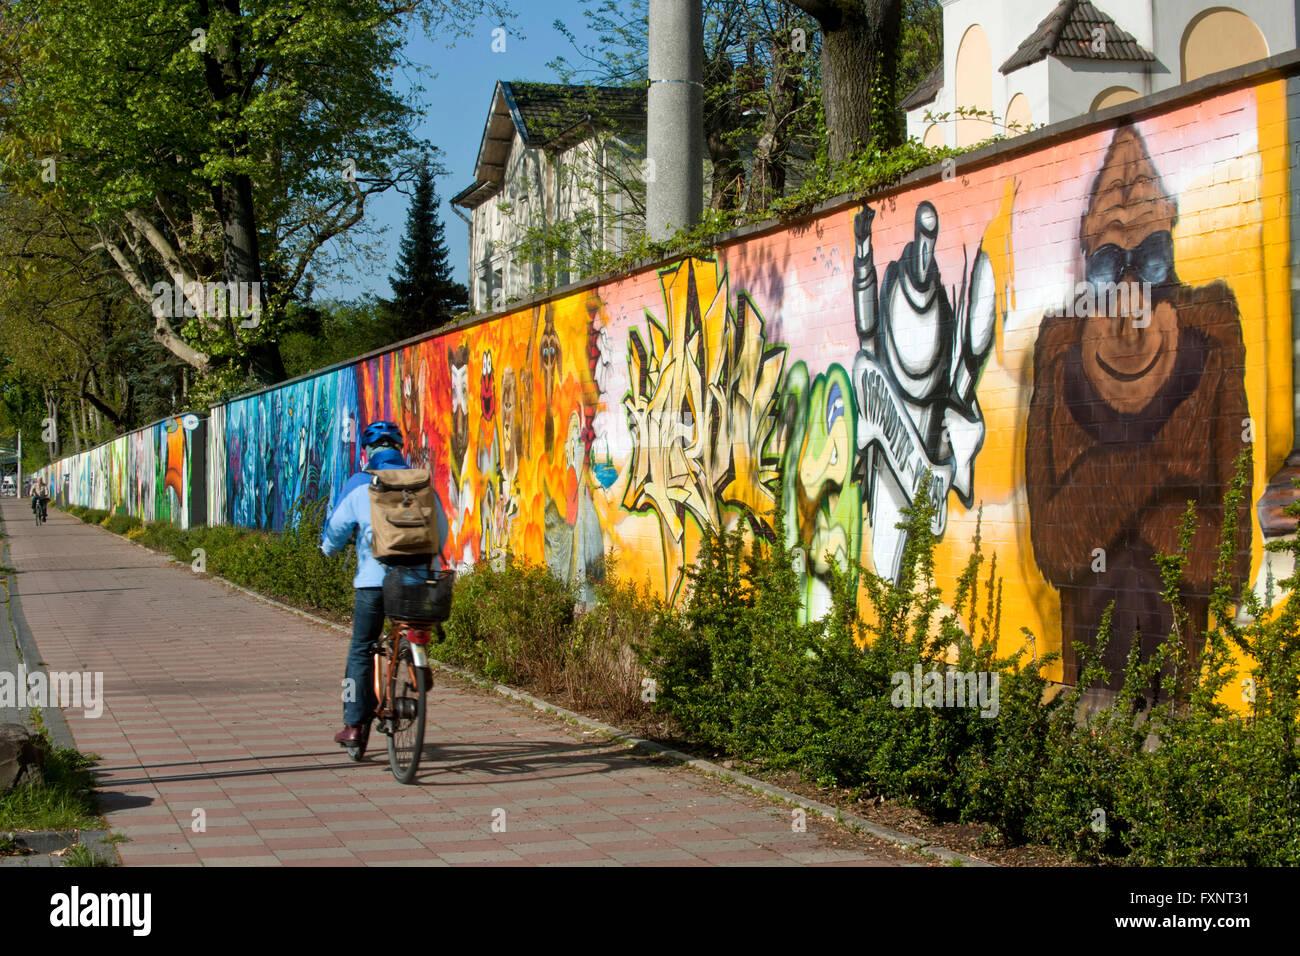 Deutschland, Köln, Riehl, Riehler Straße, Zoo-ARTgerecht - Gesprühte Kunst Für Den Kölner Zoo Ein Wettbewerb Im April 2011 vers Stockfoto